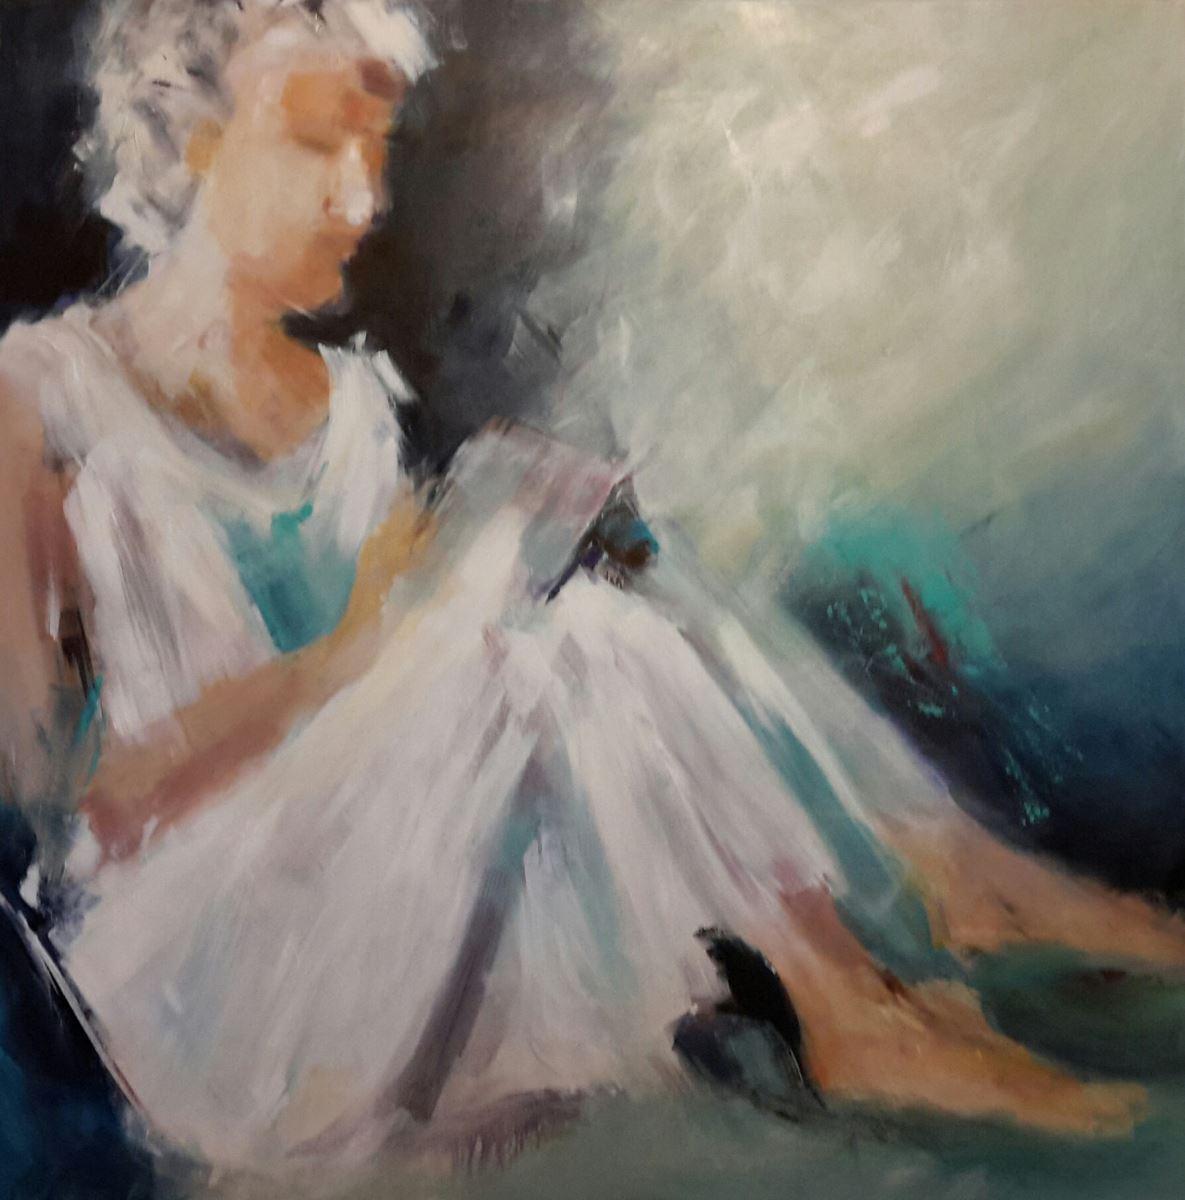 Soheila Haghighat, acrylic on canvas, 100x100 cm